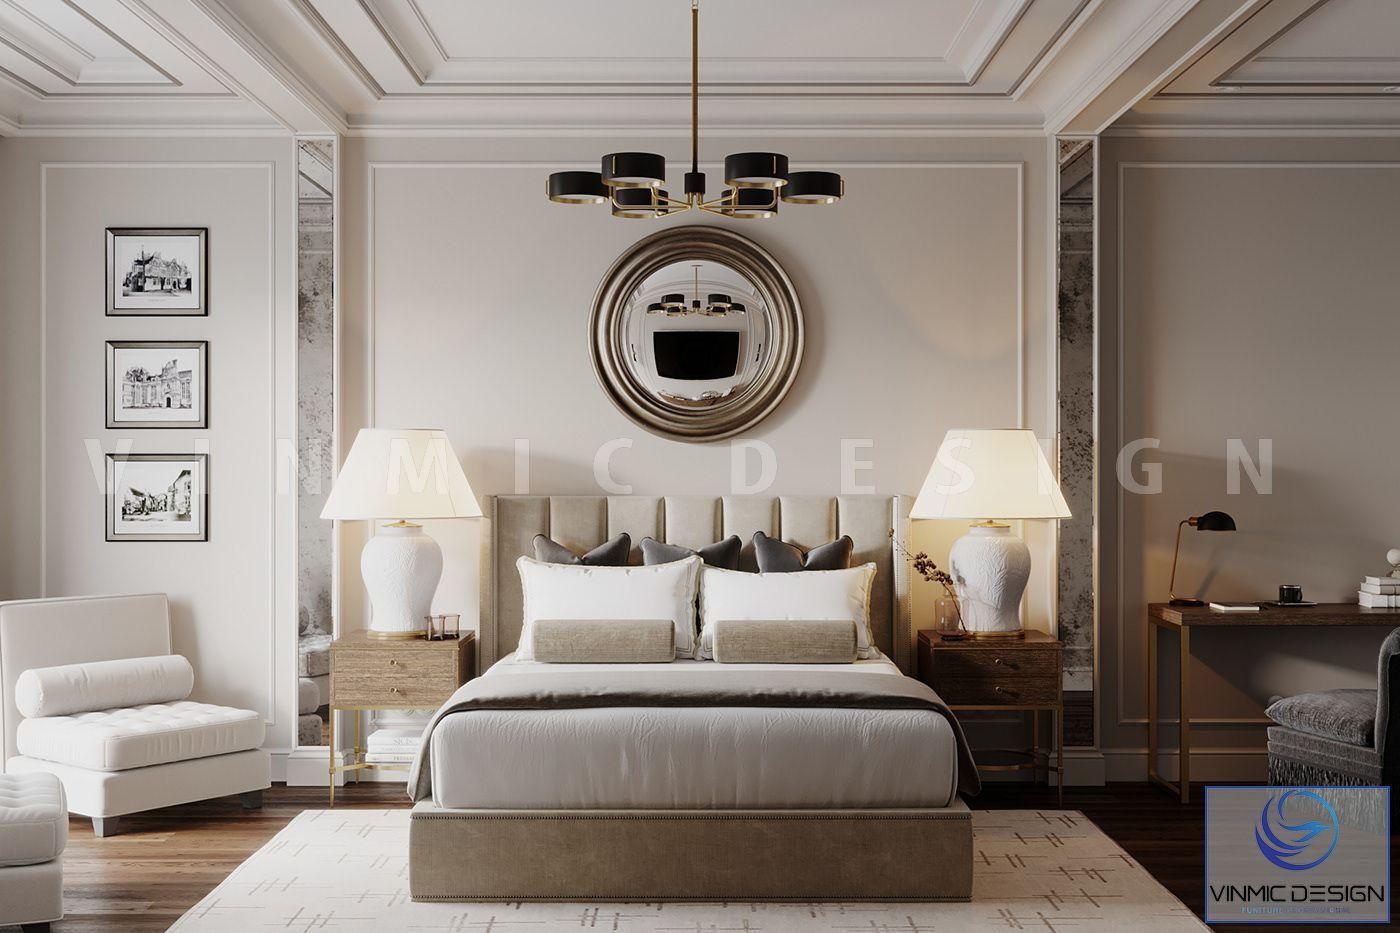 Phòng ngủ với đường nét phào chỉ tân cổ